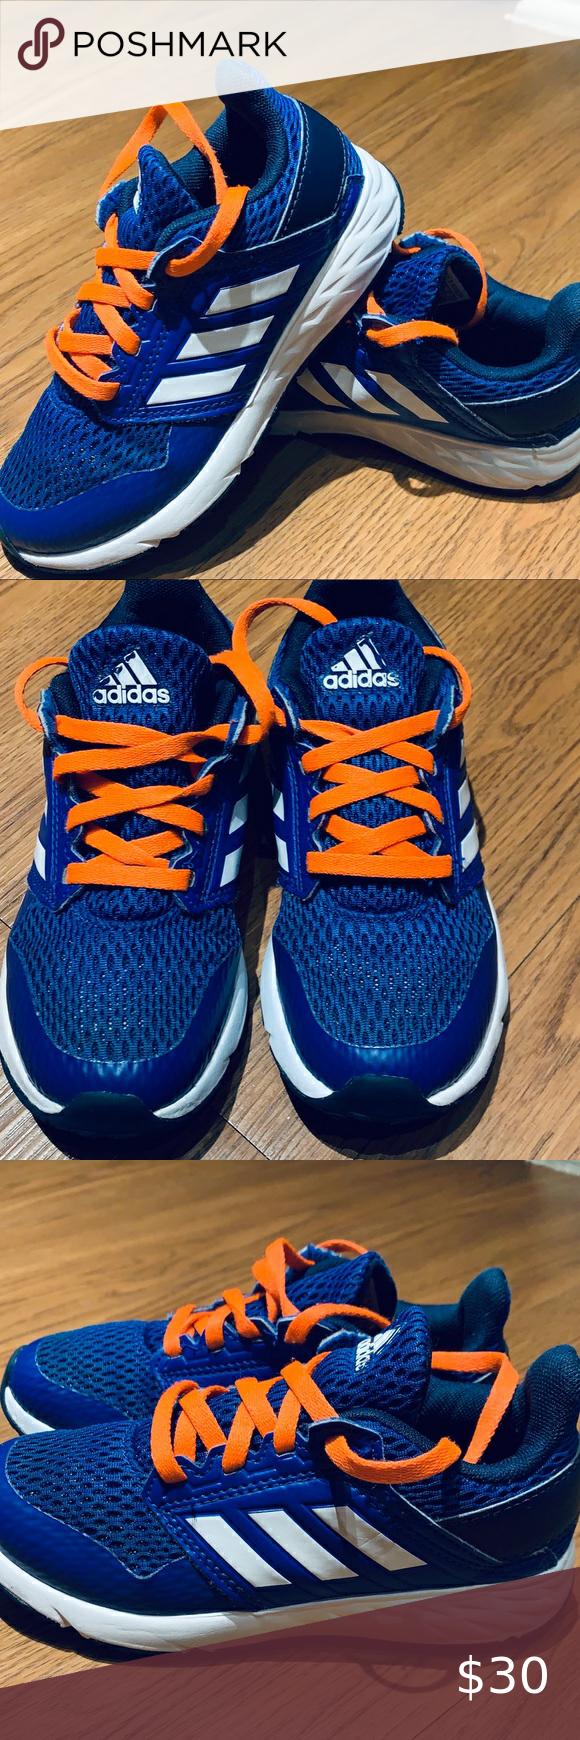 Adidas Ortholite w/ Non Marking Sole